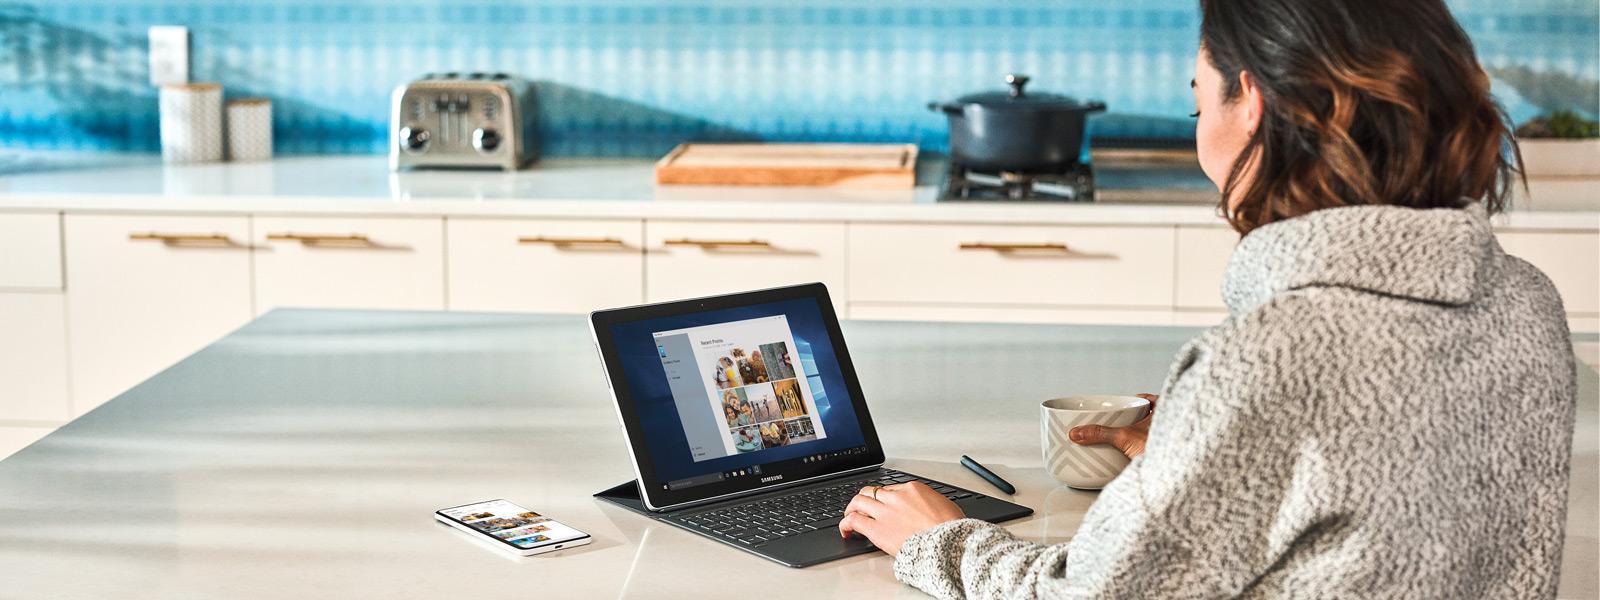 """Moteris, sėdinti virtuvėje prie stalo ir naudojanti """"Windows 10"""" nešiojamąjį kompiuterį su mobiliuoju telefonu."""